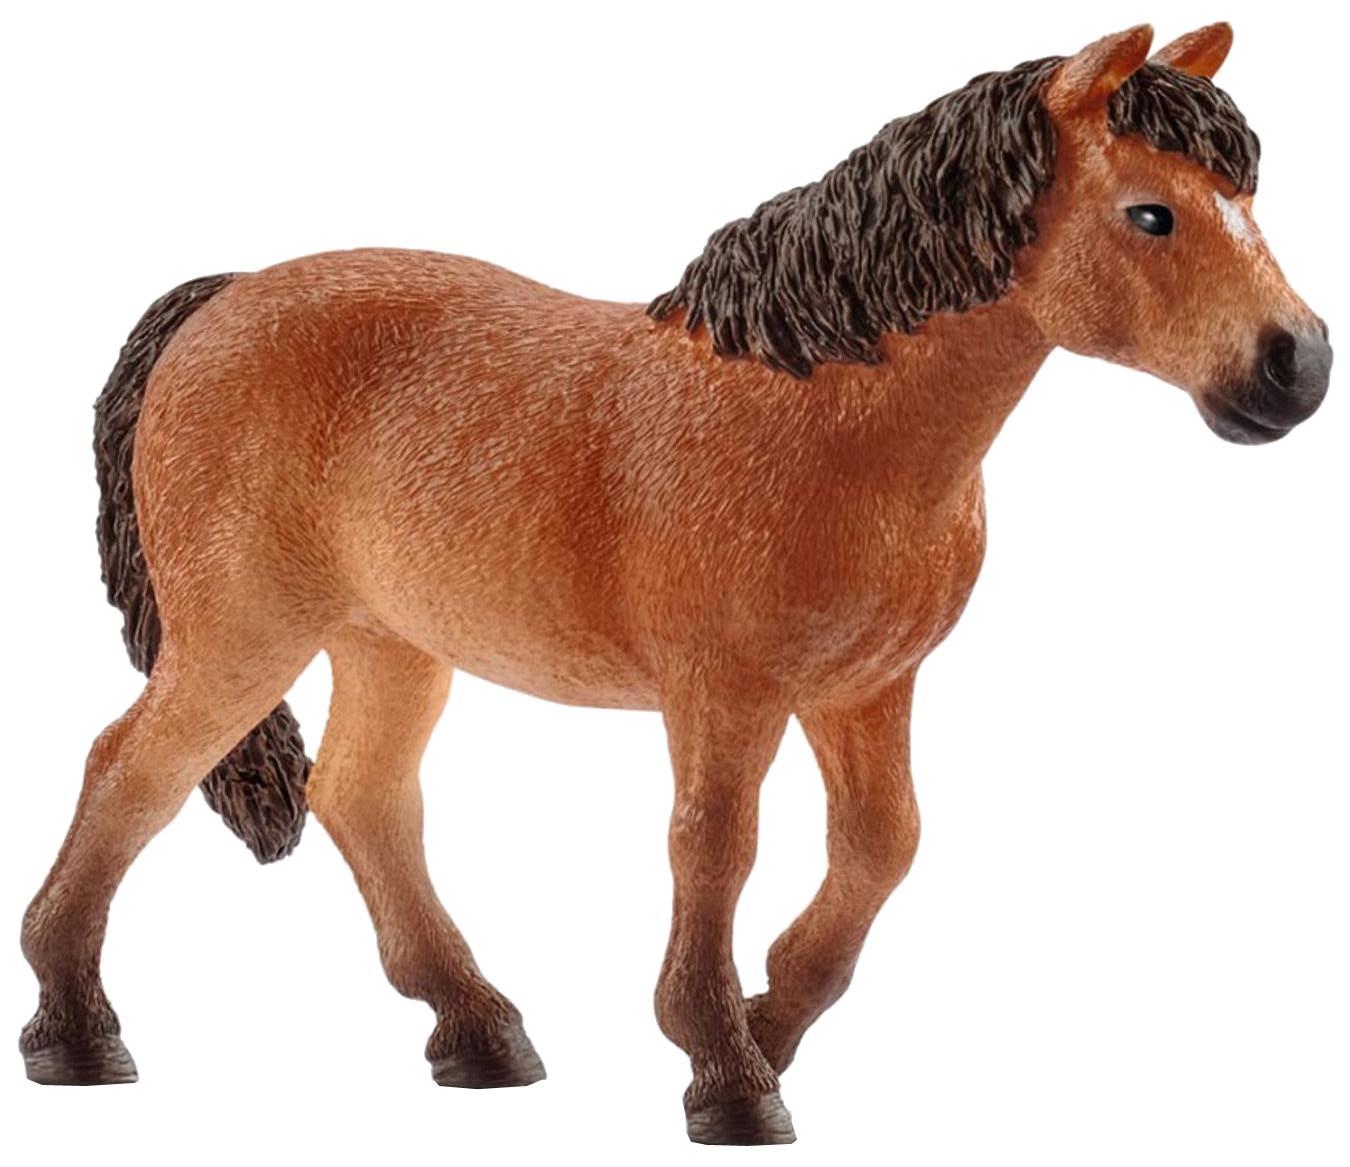 Купить Фигурка животного Schleich Кобыла Дартмурского пони 13873, Игровые фигурки